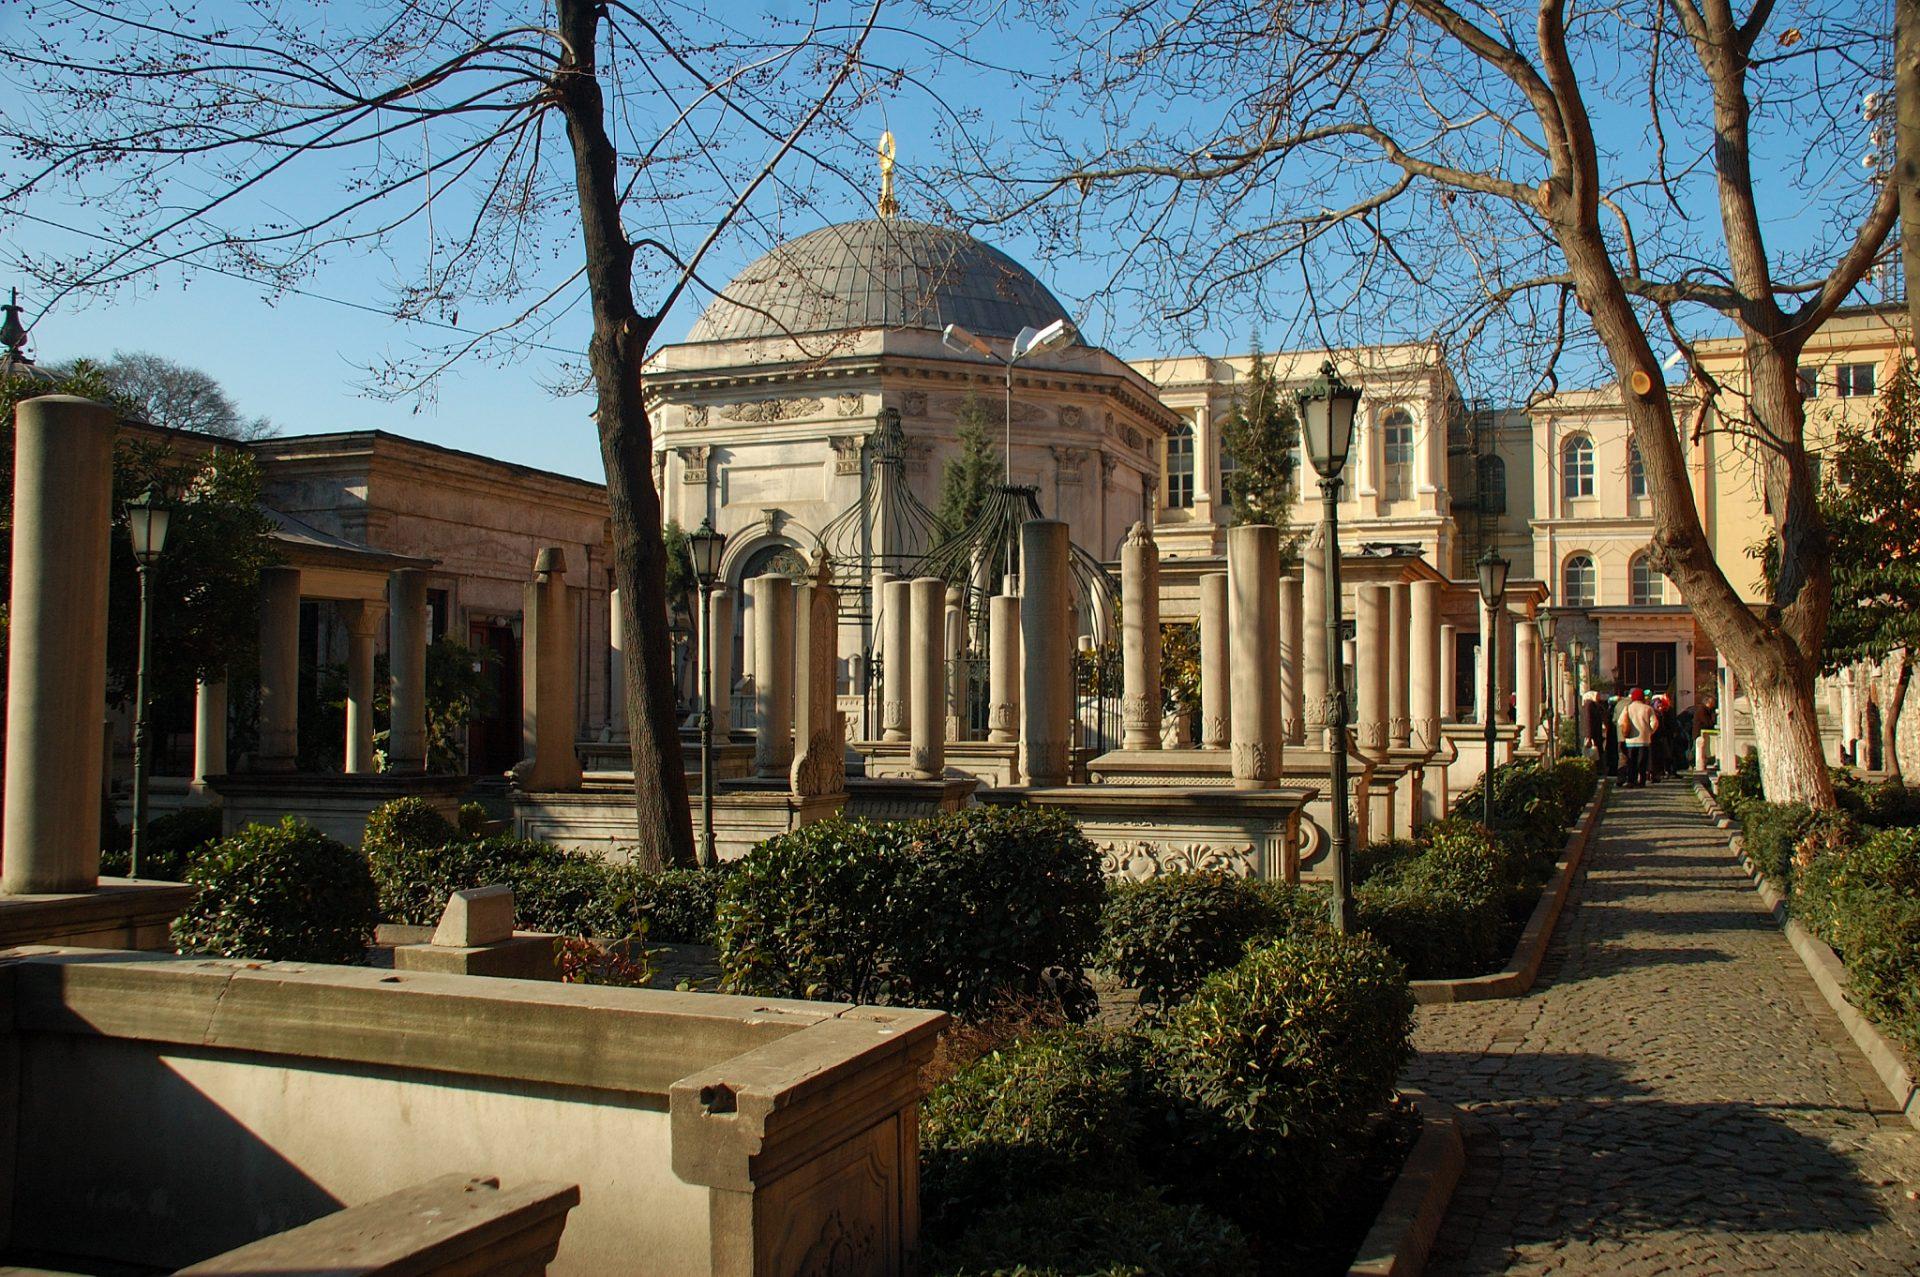 Divan Yolu 2. Mahmut Sultan Abdulaziz Ve 2. Abdülhami5 Türbe Külliyesi Osmanlı Türbeleri Sultanahmet İstanbul